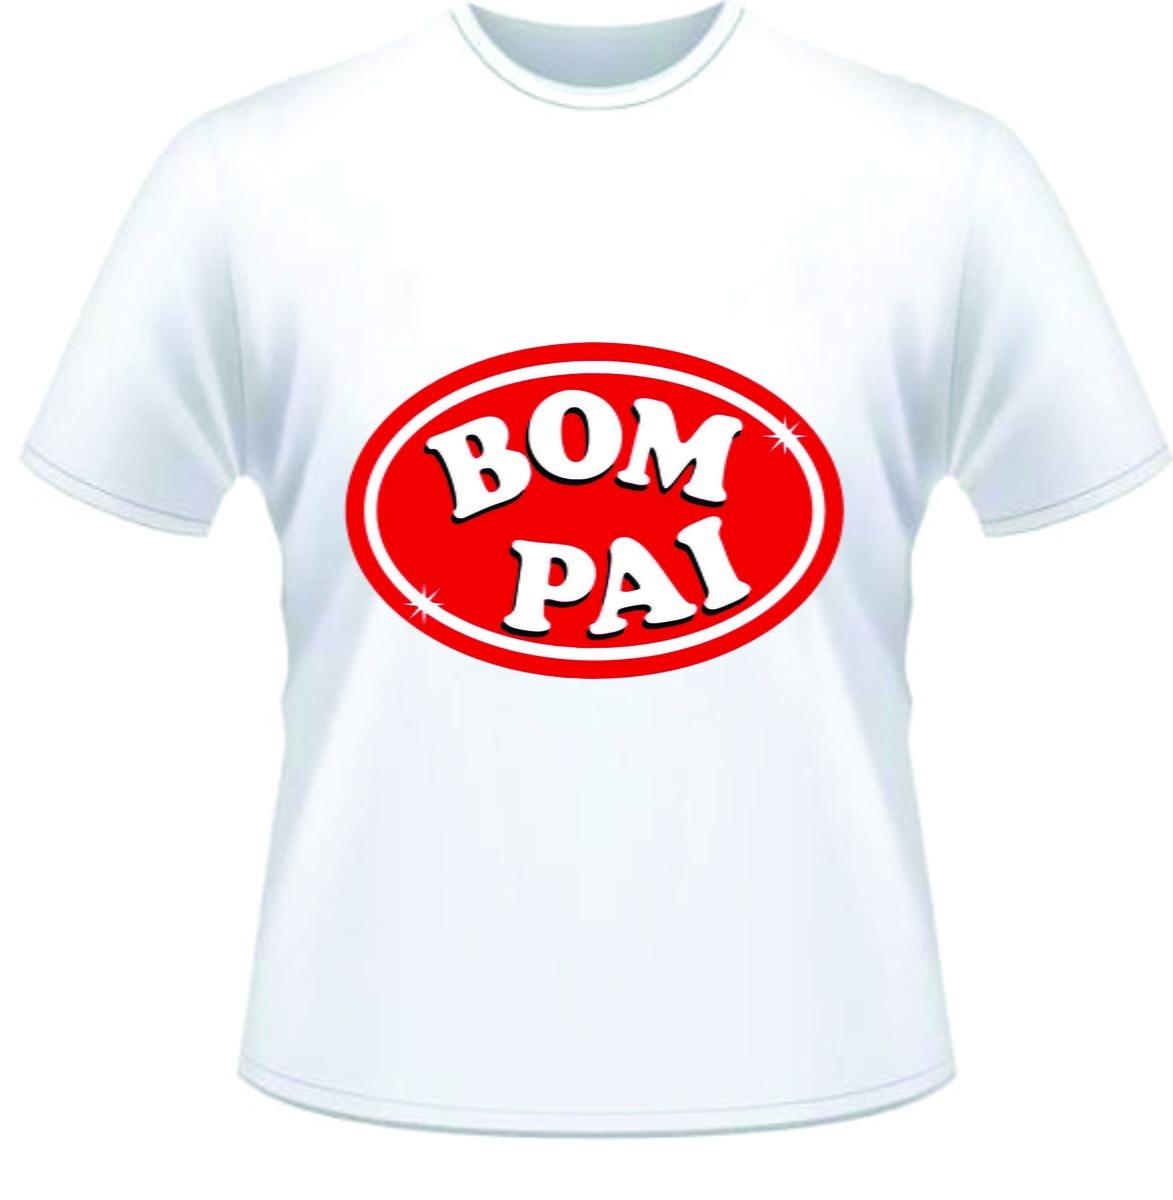 fb887c8a0 camiseta bom pai personalizada diversos modelos. Carregando zoom.